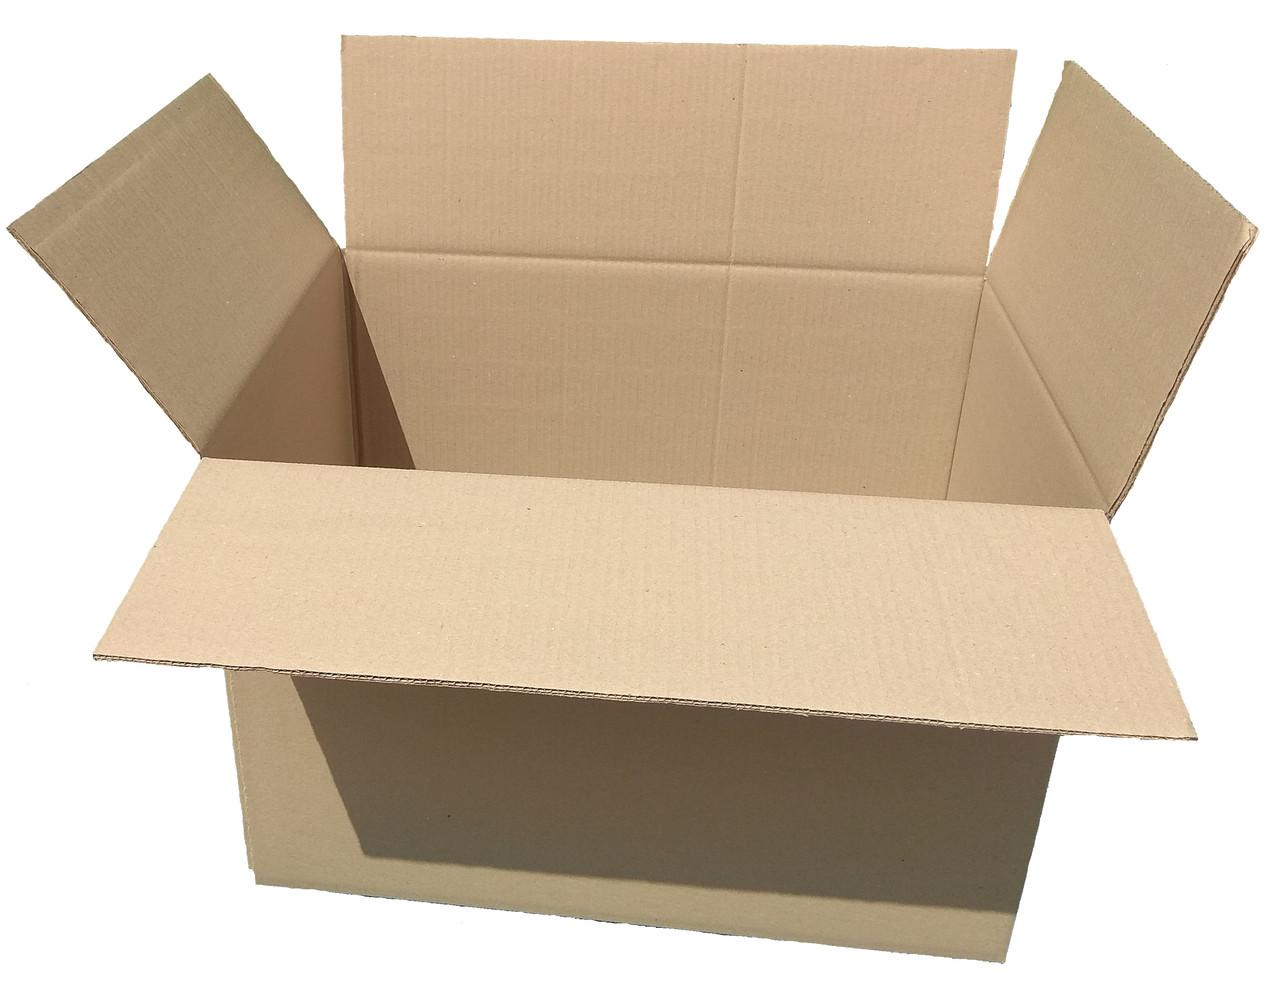 Картонная коробка вместимостью до 15 кг фактического или объемного веса 600*350*285